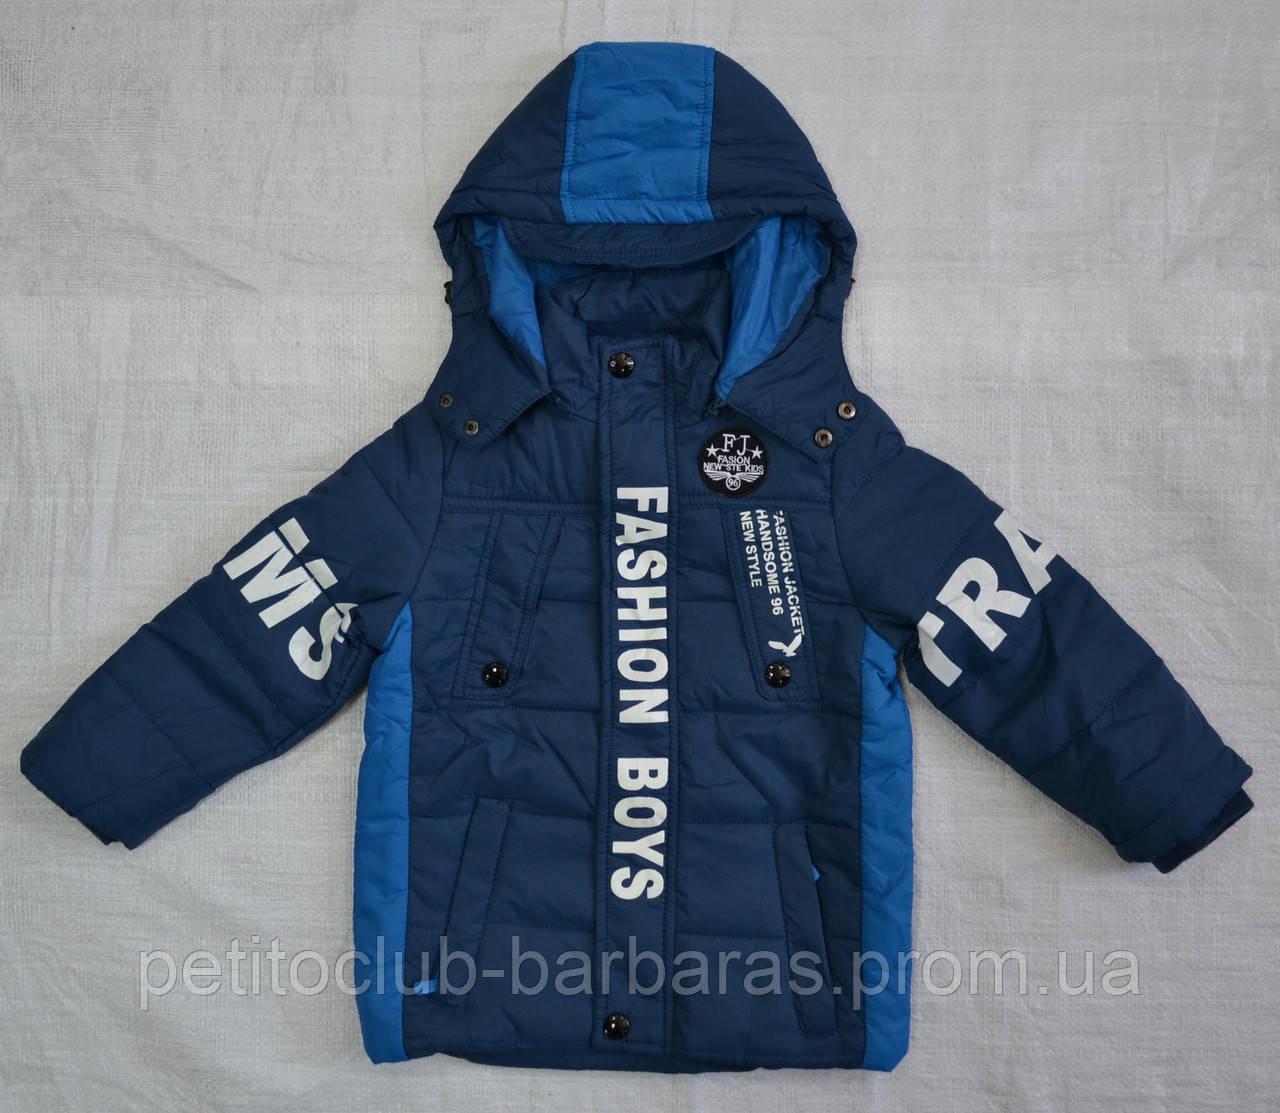 Детская демисезонная куртка для мальчика Fashion Boys синяя (Grace, Венгрия)